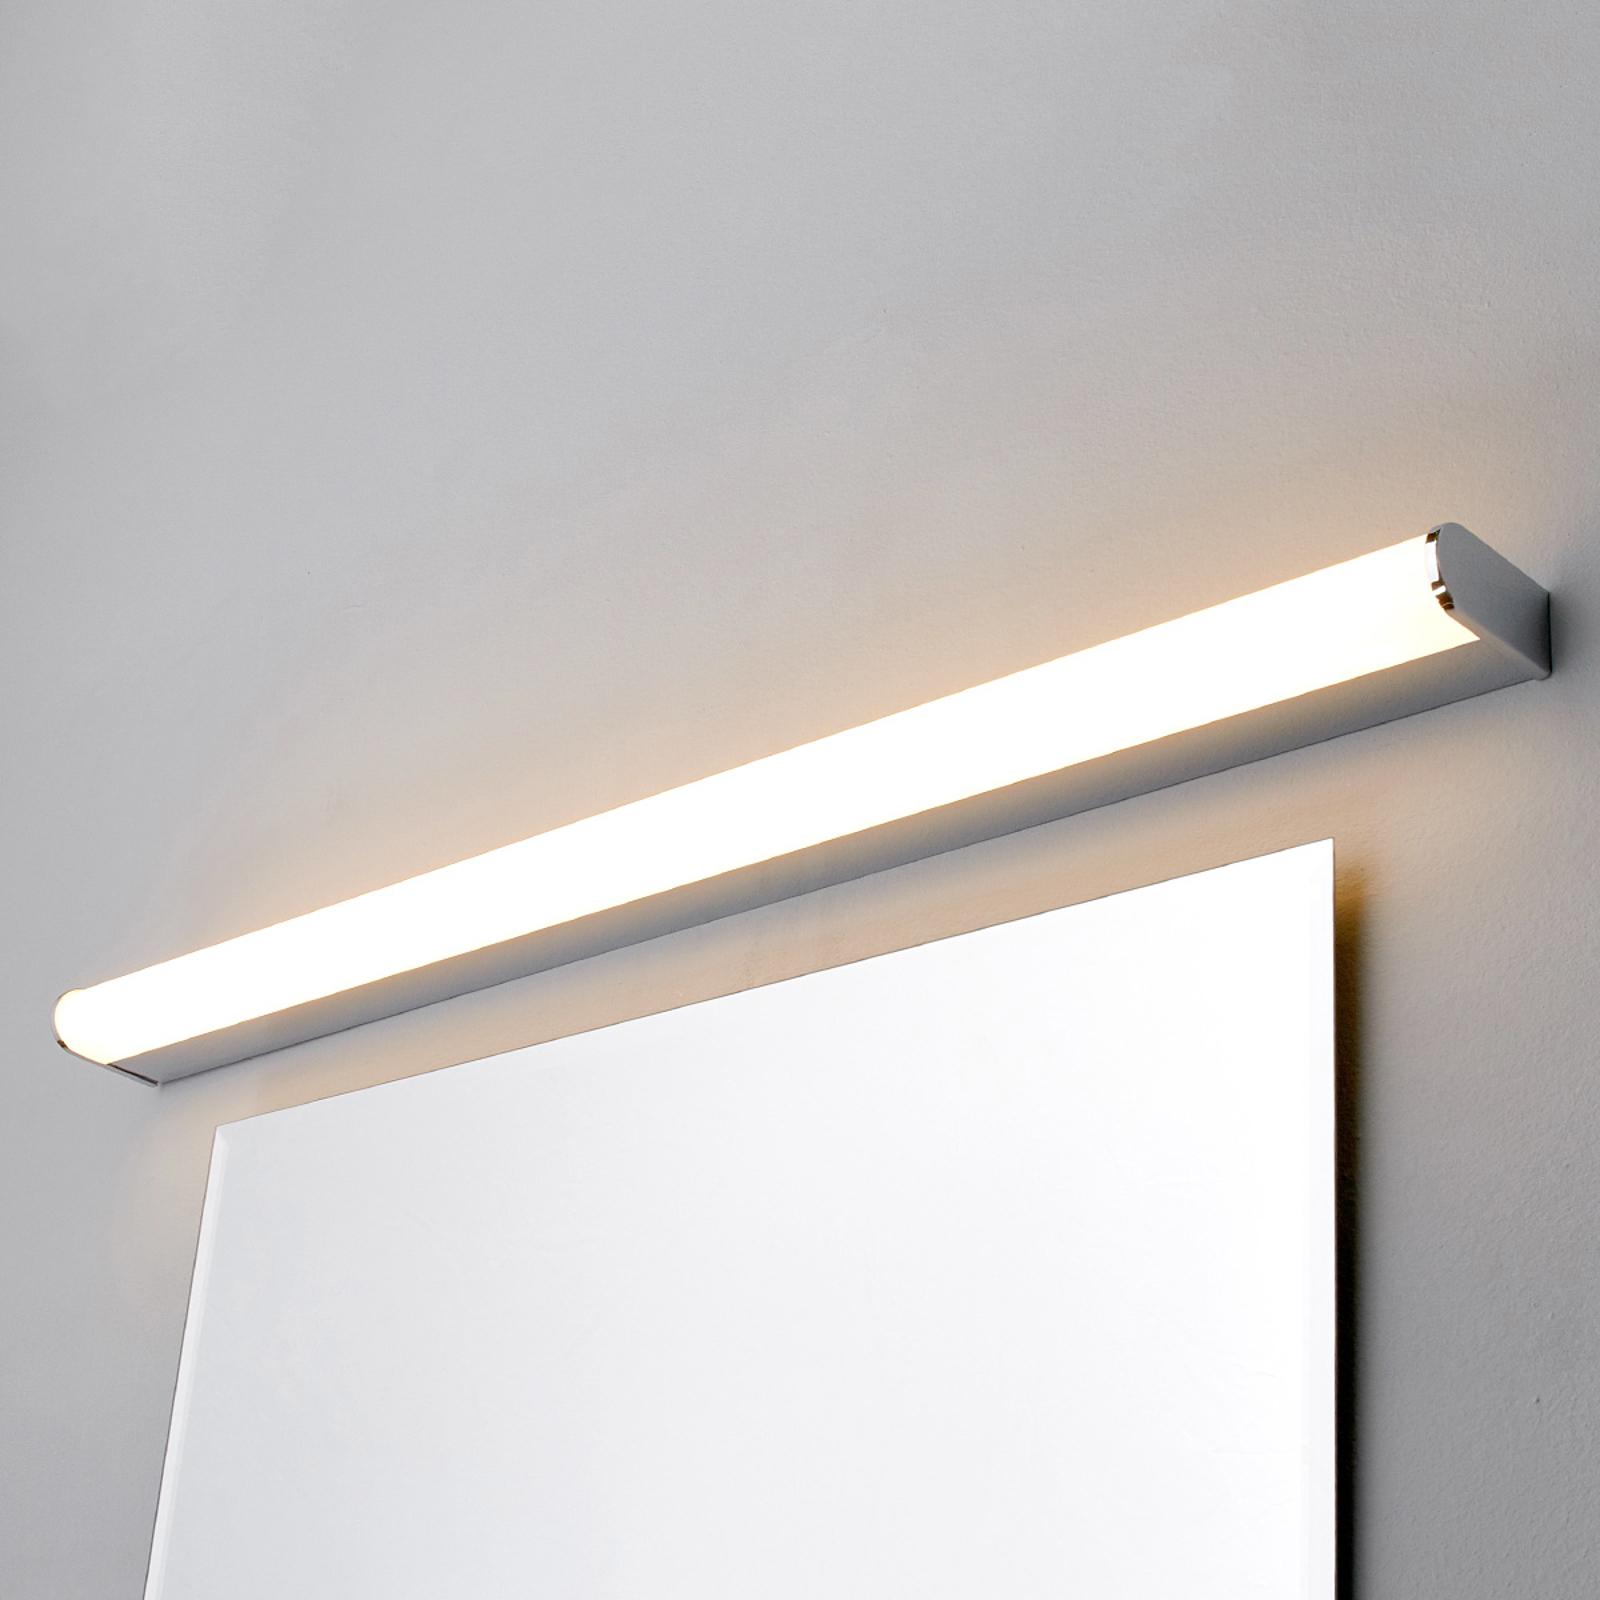 Philippa LED-lampe til spejl og bad halvrund, 88cm